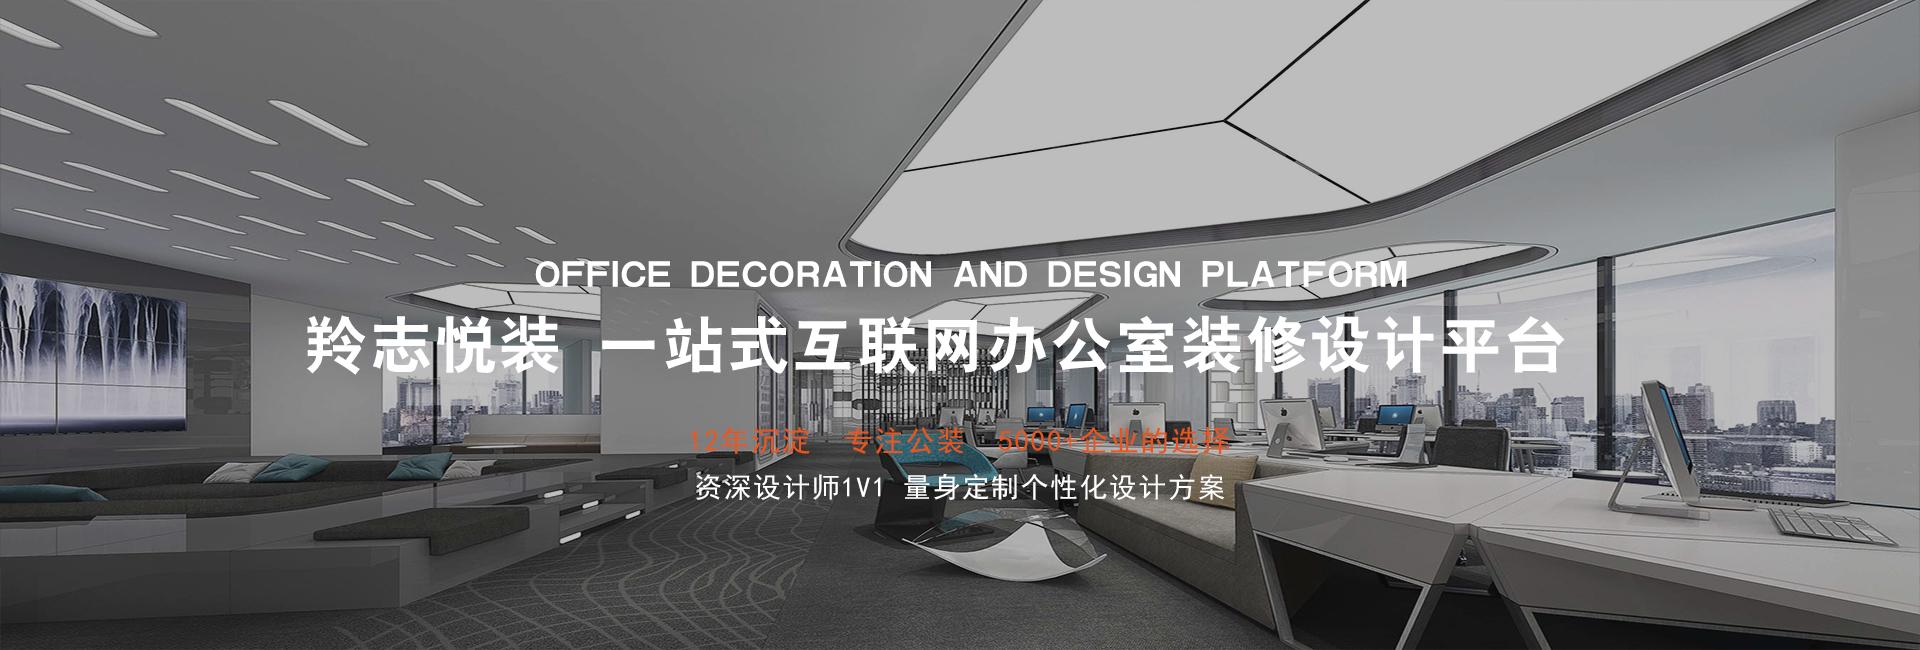 羚志悦装-一站式上海办公室装修设计平台